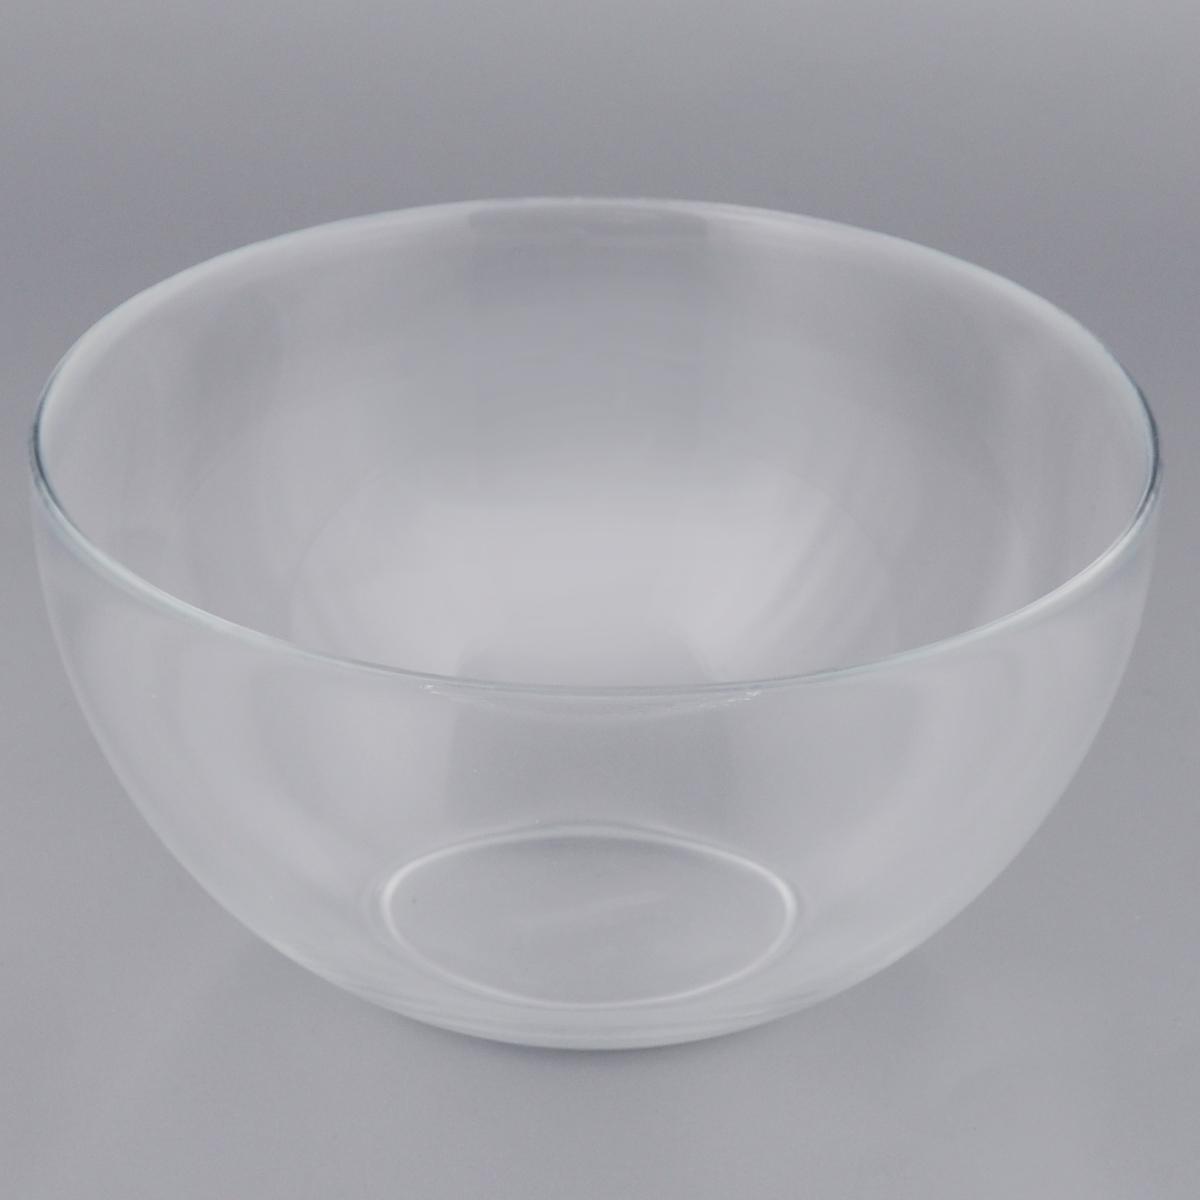 Миска Tescoma Giro, диаметр 16 см389216Миска Tescoma Giro выполнена из высококачественного стекла и предназначена для подачи салатов и других блюд. Изделие сочетает в себе изысканный дизайн с максимальной функциональностью. Она прекрасно впишется в интерьер вашей кухни и станет достойным дополнением к кухонному инвентарю. Миска Tescoma Giro подчеркнет прекрасный вкус хозяйки и станет отличным подарком. Можно использовать в СВЧ и мыть в посудомоечной машине. Диаметр миски (по верхнему краю): 16 см. Высота стенки: 8,5 см.